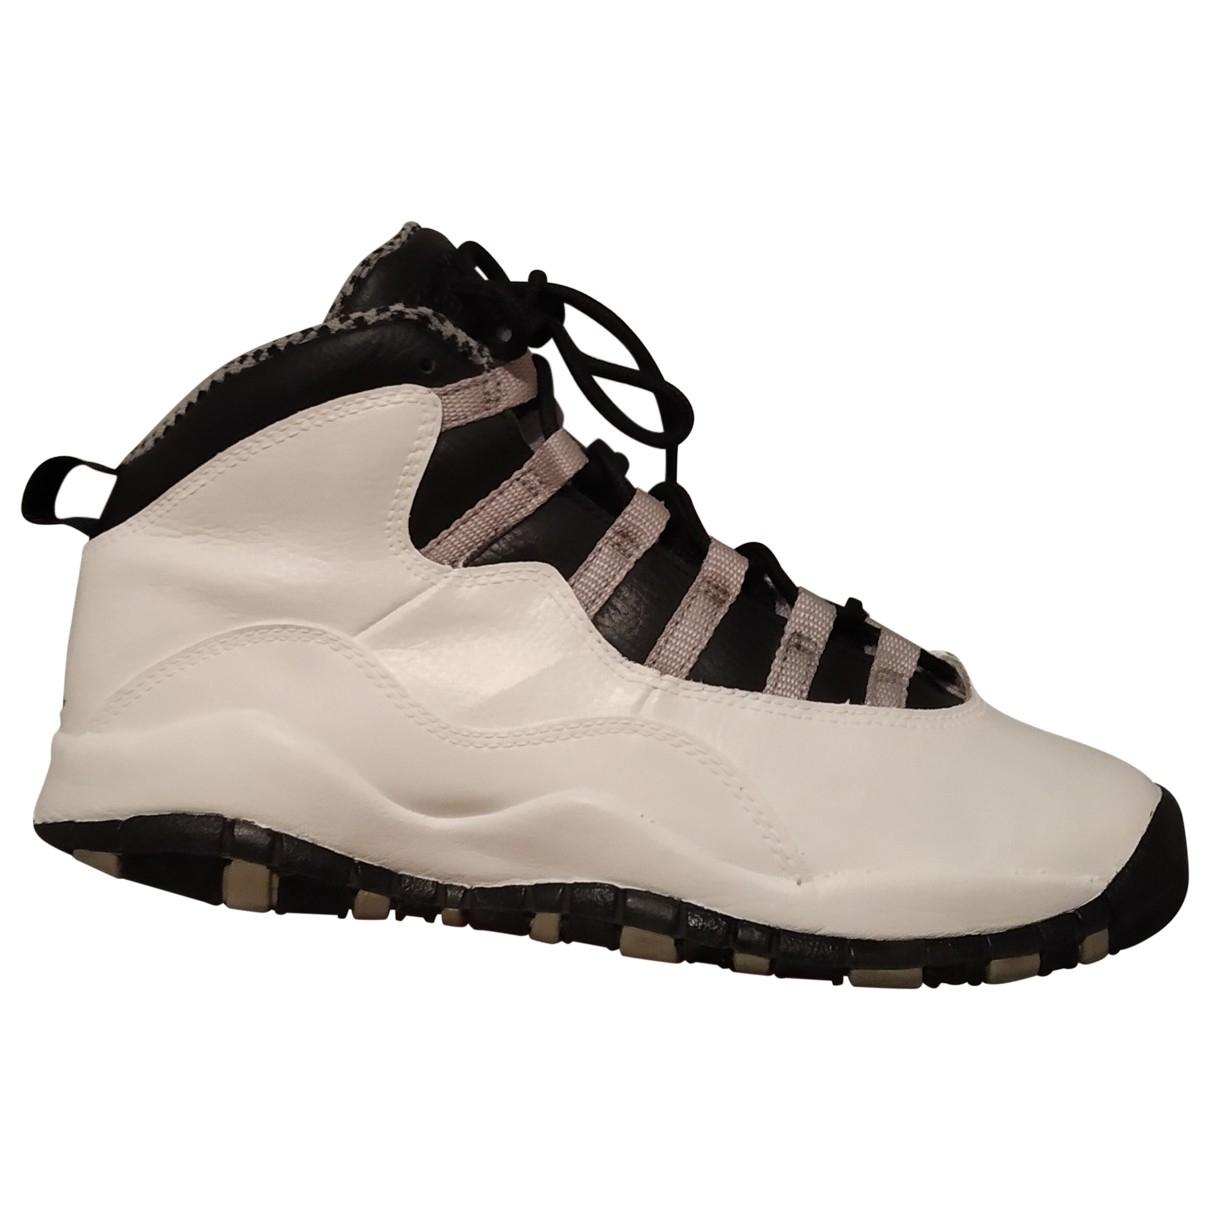 Jordan Air Jordan 10 Sneakers in  Weiss Leder